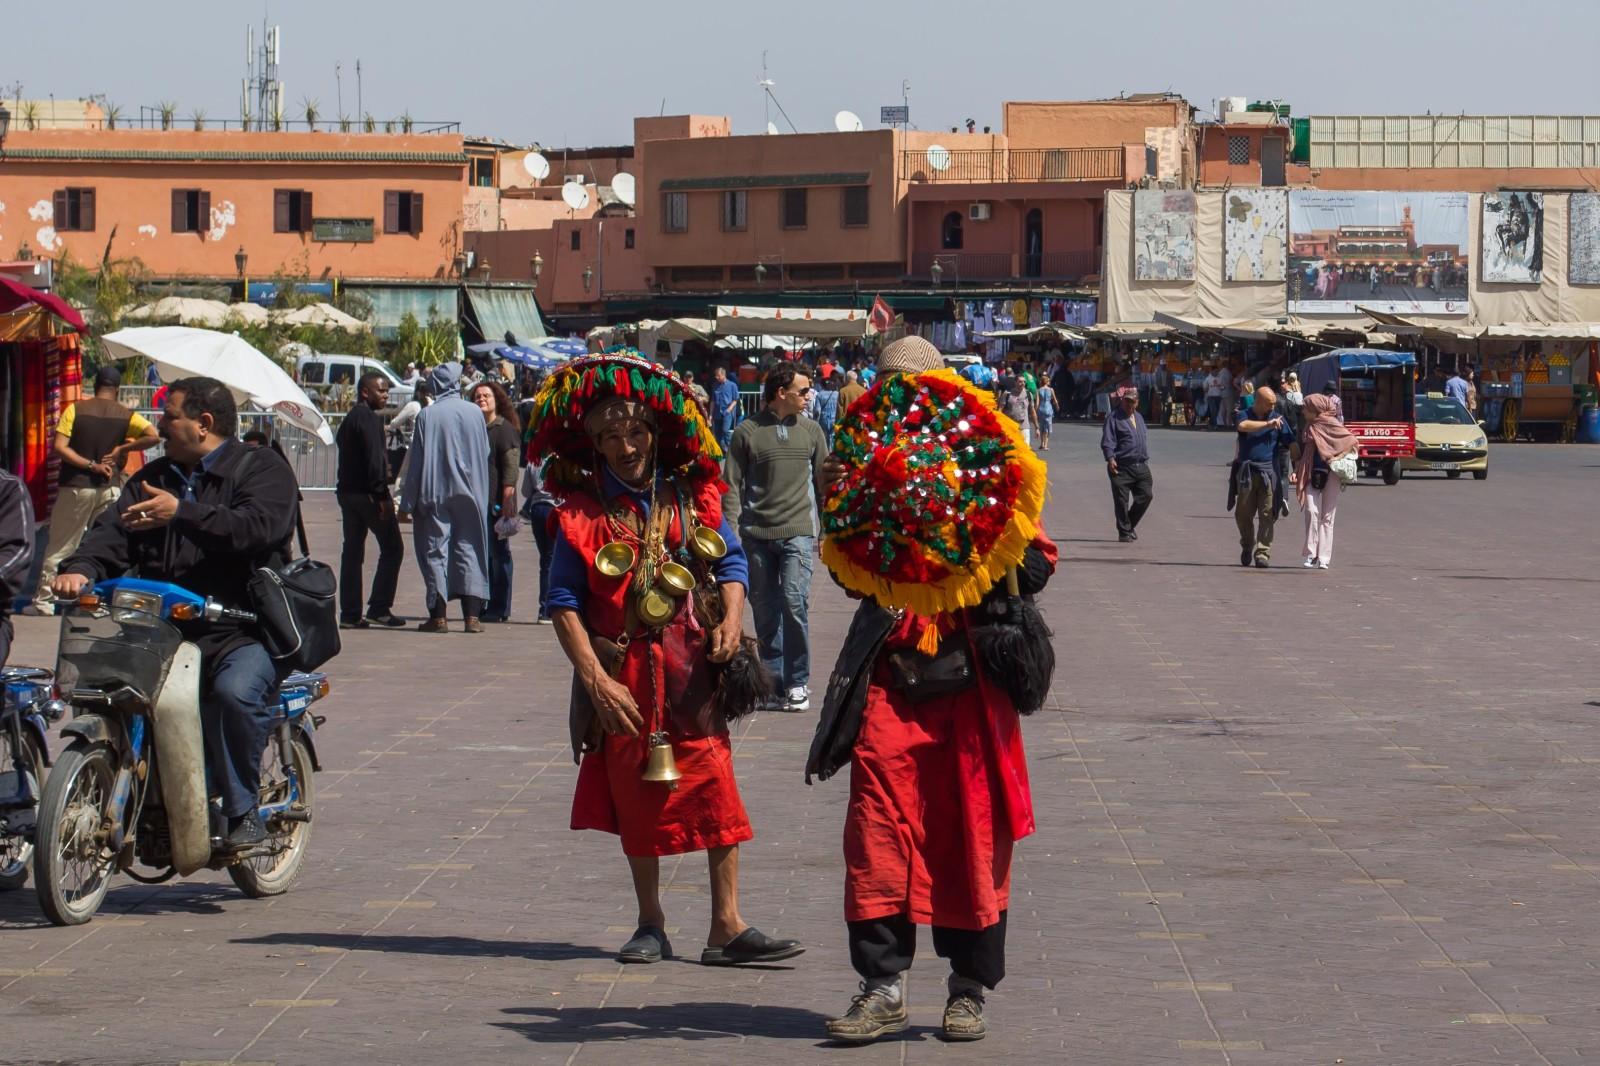 Voyage au Maghreb : nos idées pour bien se familiariser avec les coutumes locales